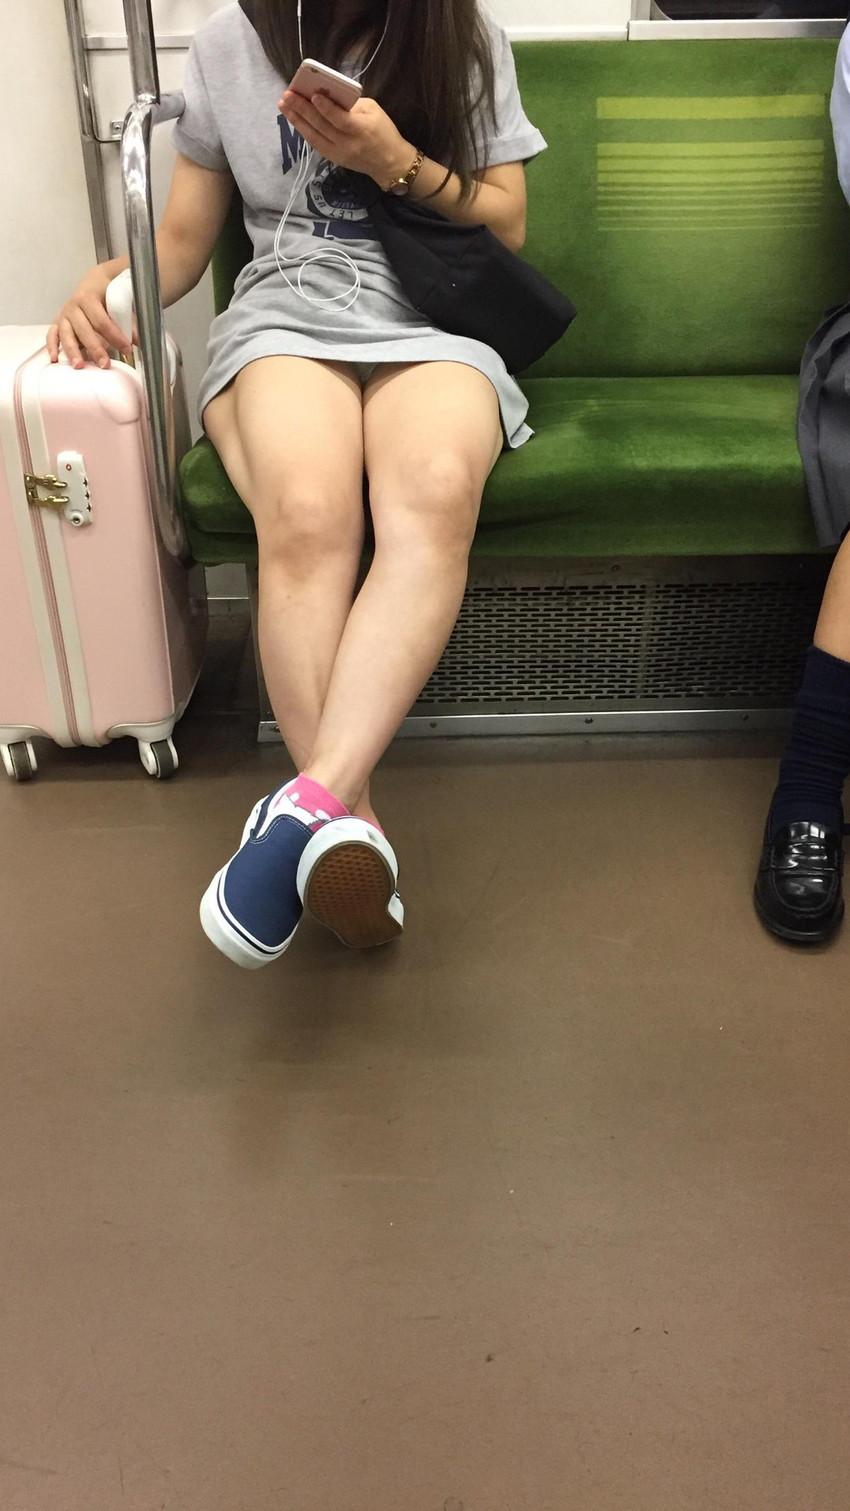 【電車内盗撮エロ画像】電車内でパンチラしている女子見つけたから撮ったったw 29